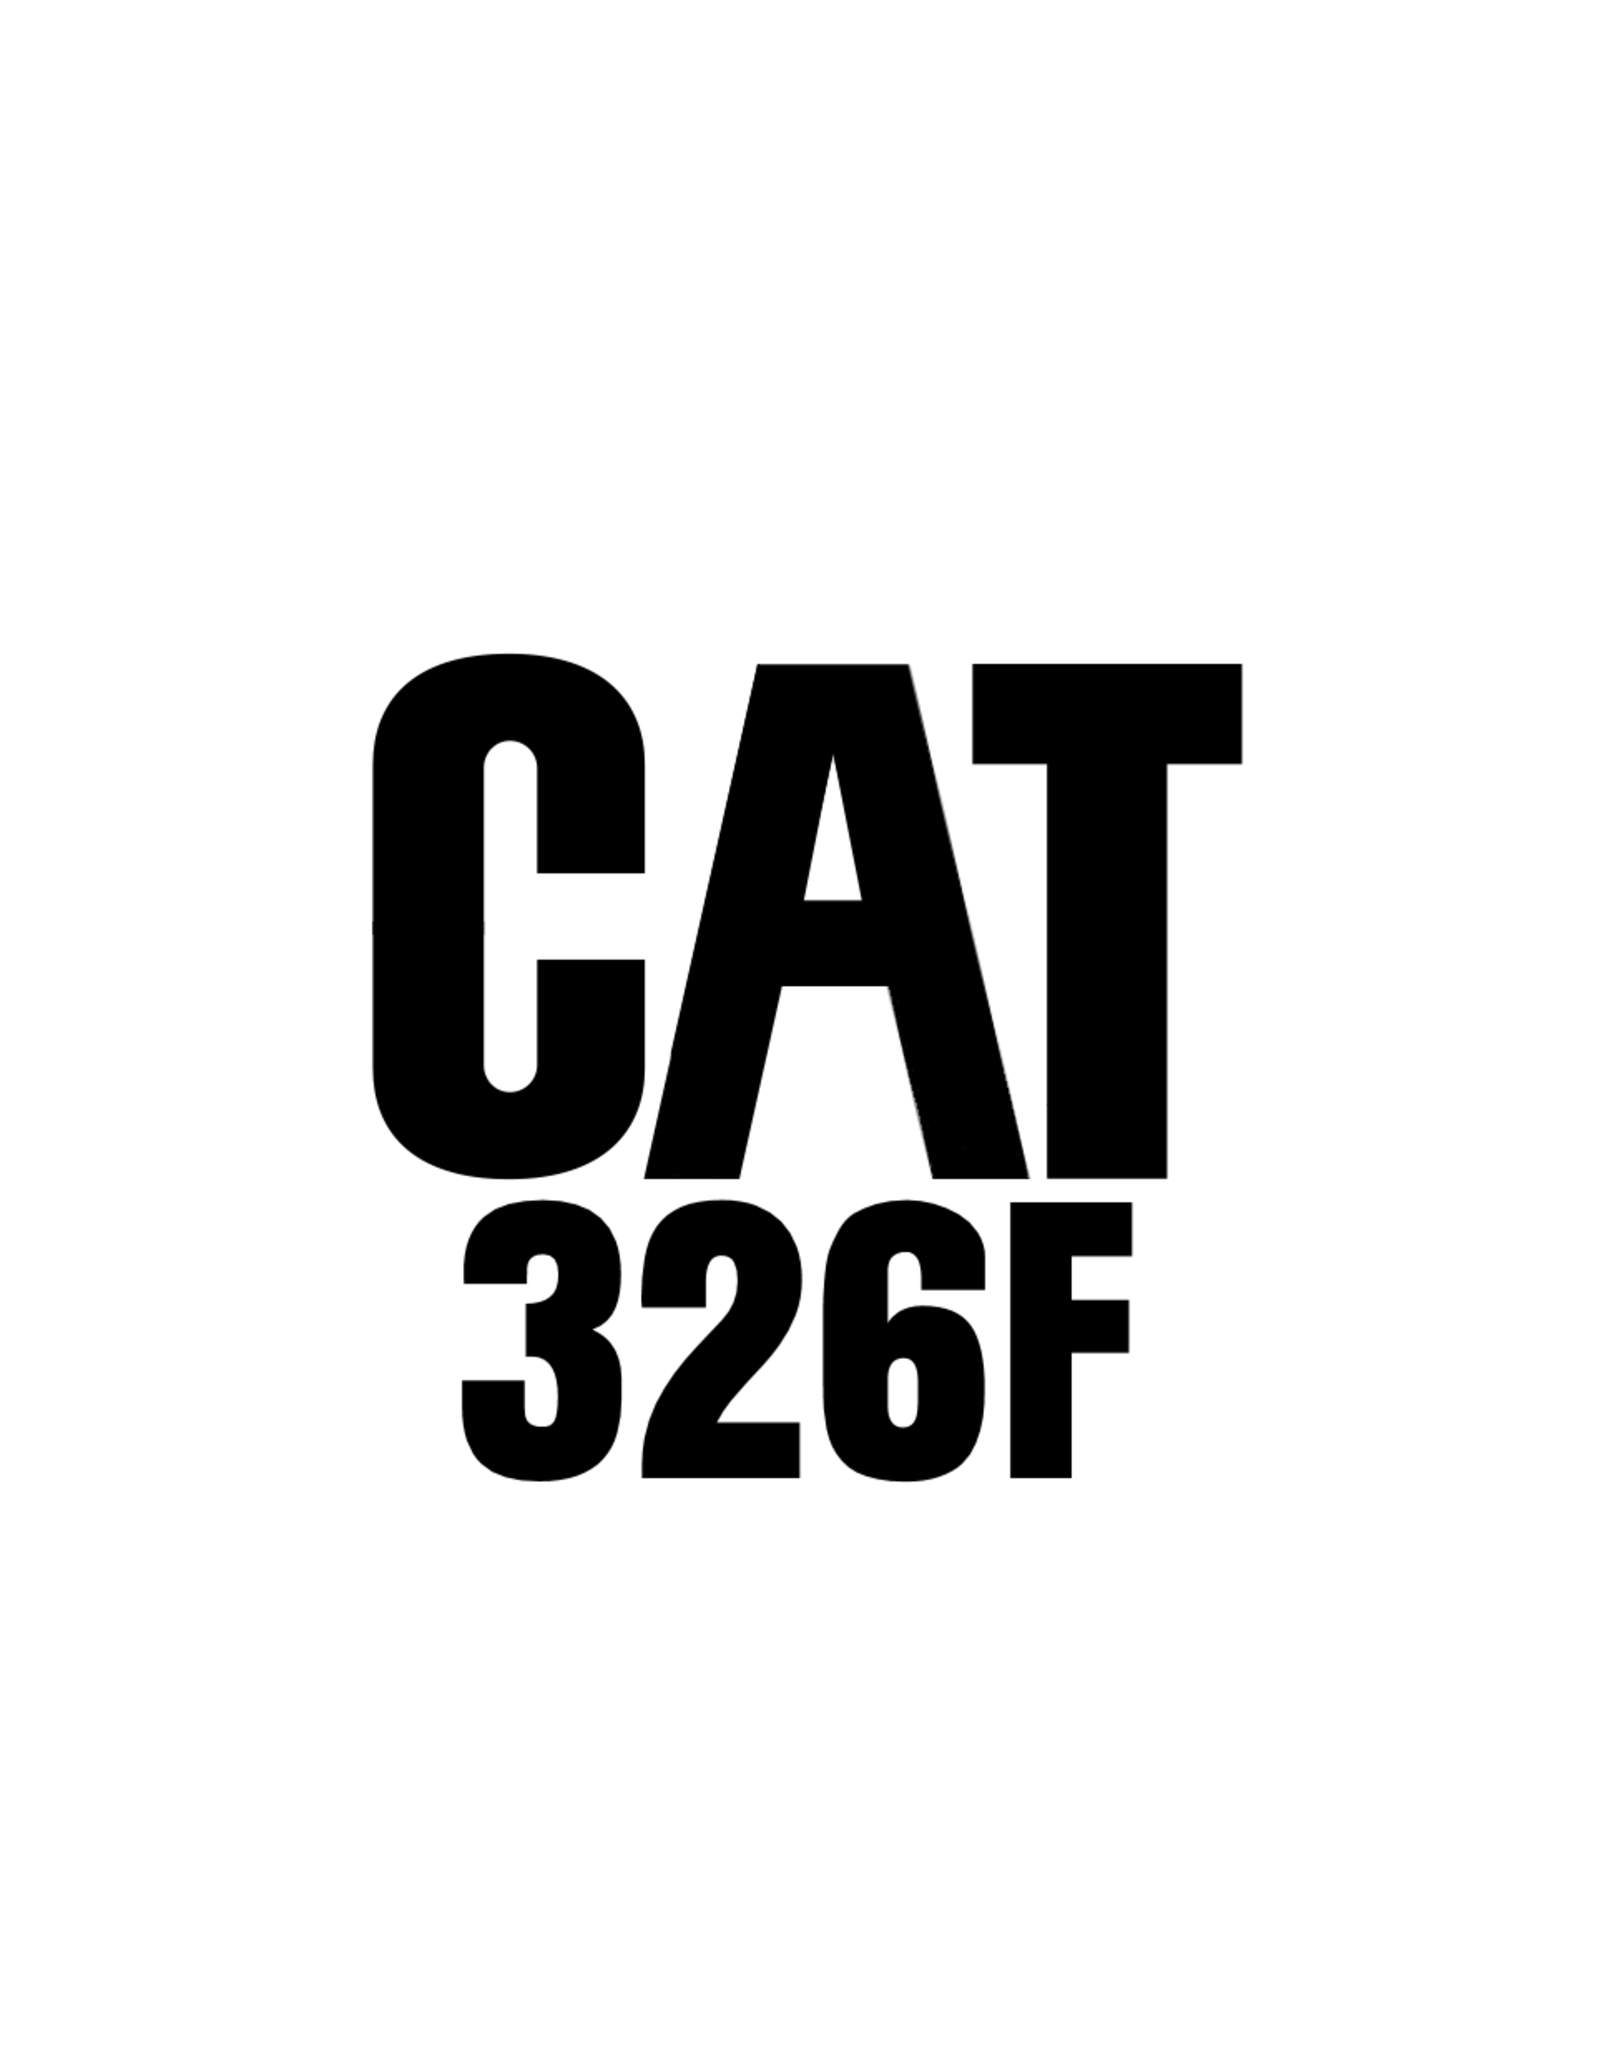 Echle Hartstahl GmbH FOPS für CAT 326F